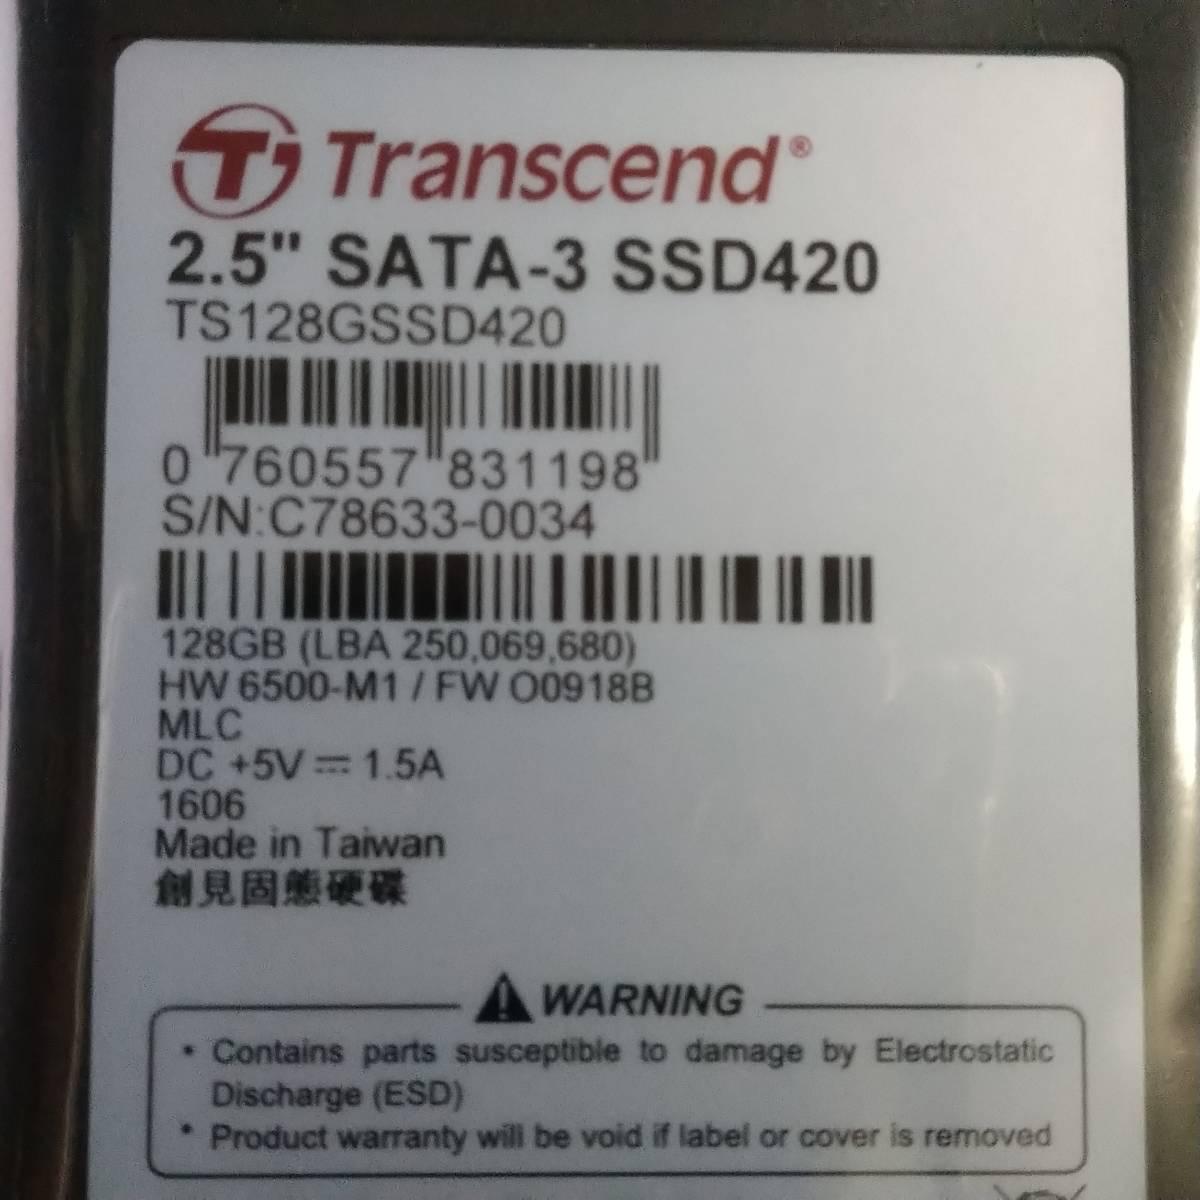 【未開封】 Transcend 128GB TS128GSSD420 2.5インチSATA接続SSD MLC